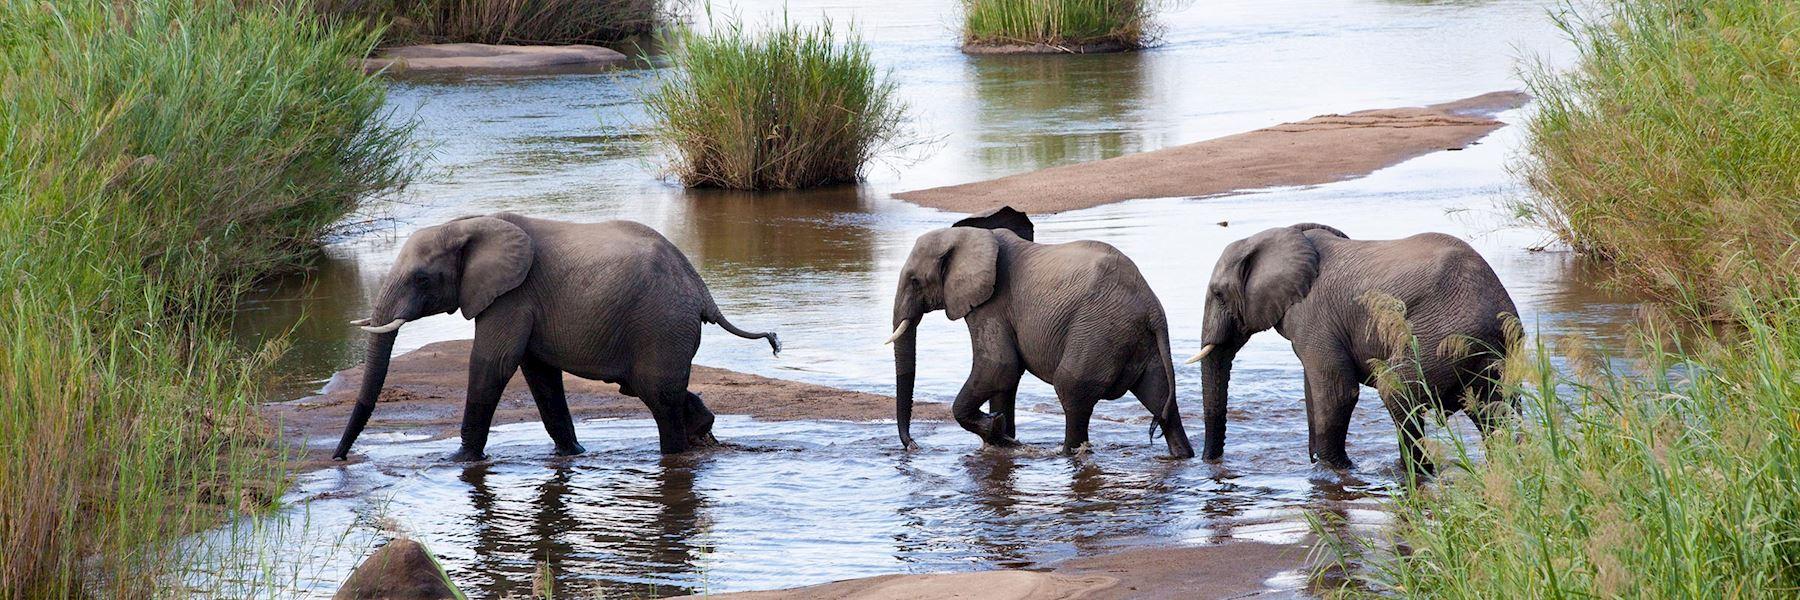 Kenya travel guides